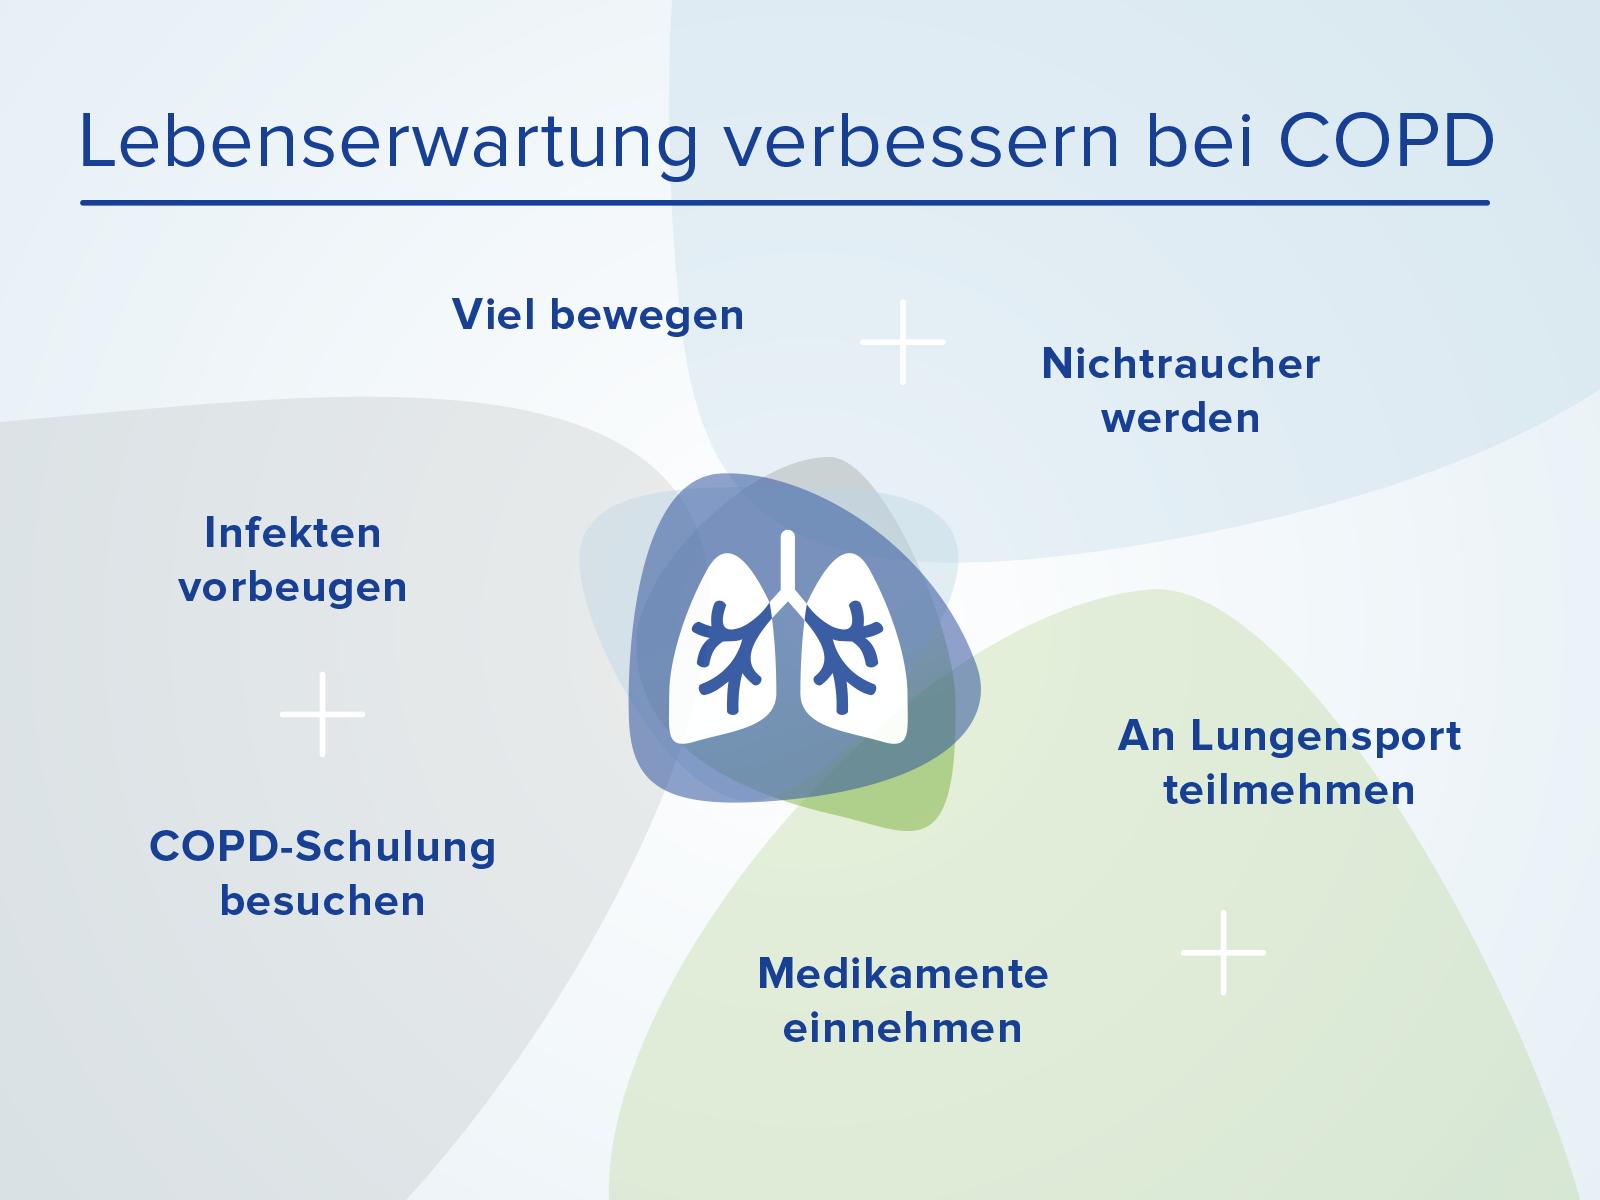 Lebenserwartung bei COPD verbessern